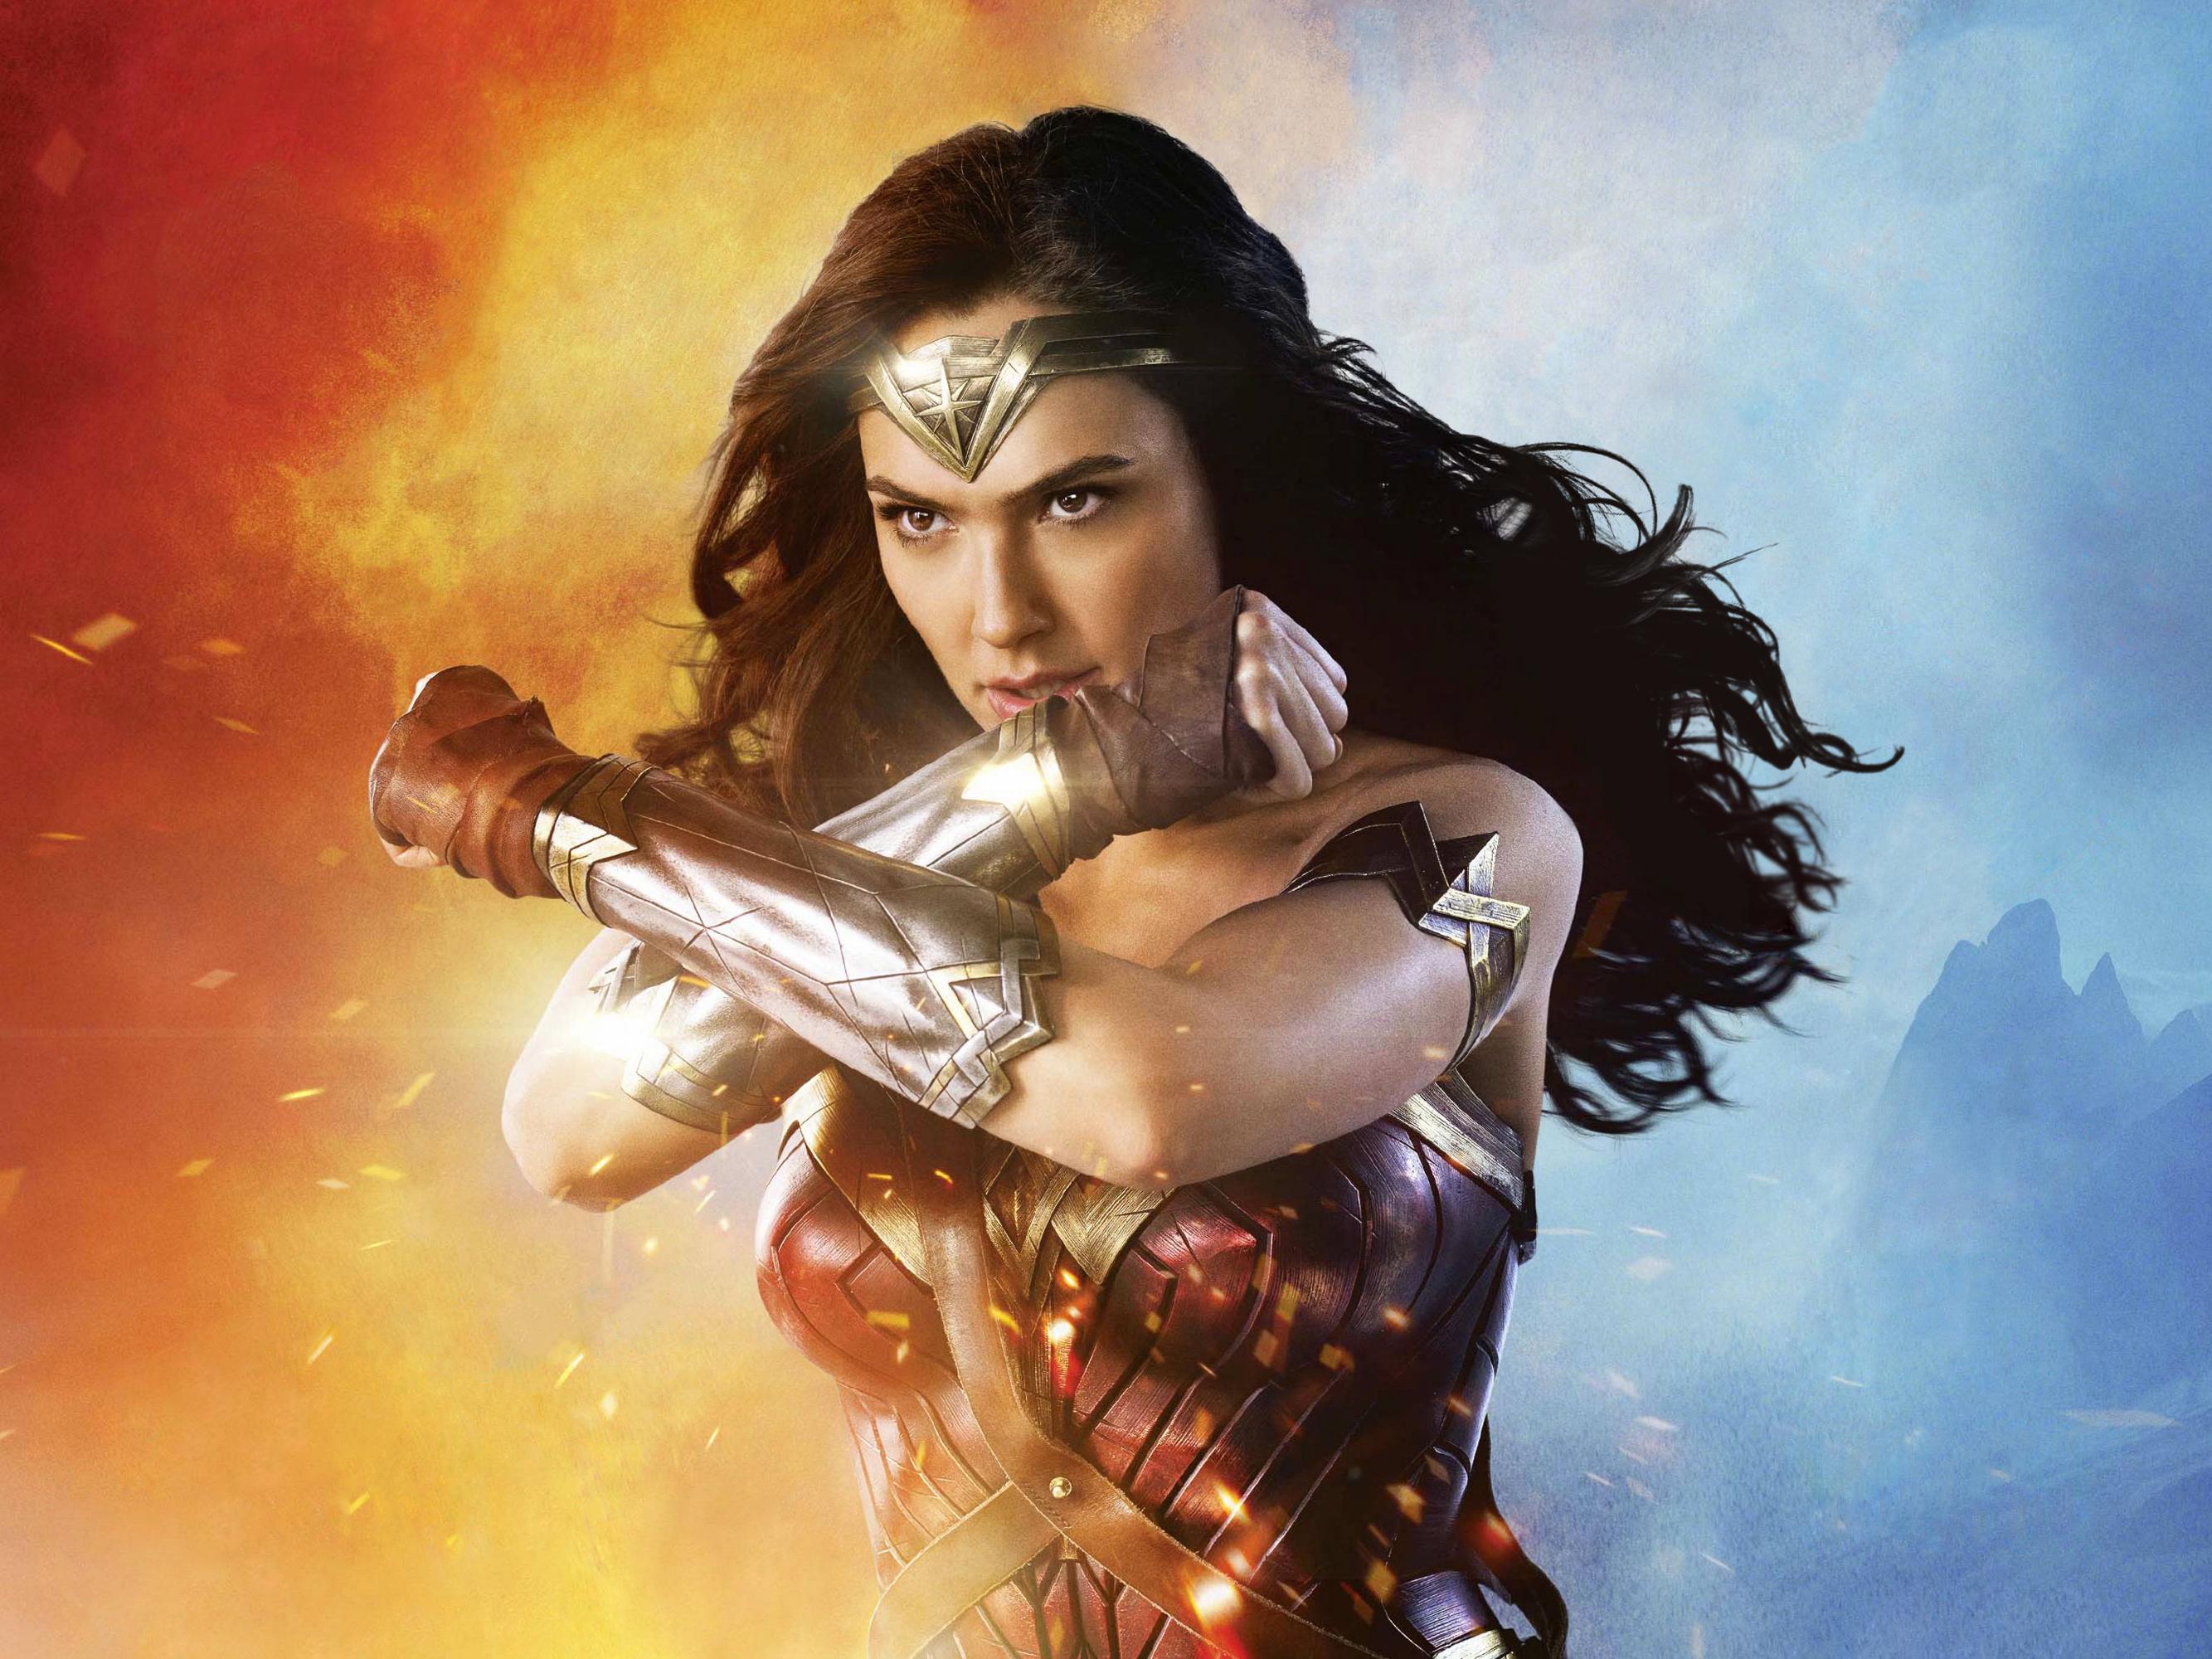 Gal Gadot Wonder Woman Wallpaper: Wonder Woman HD Wallpaper